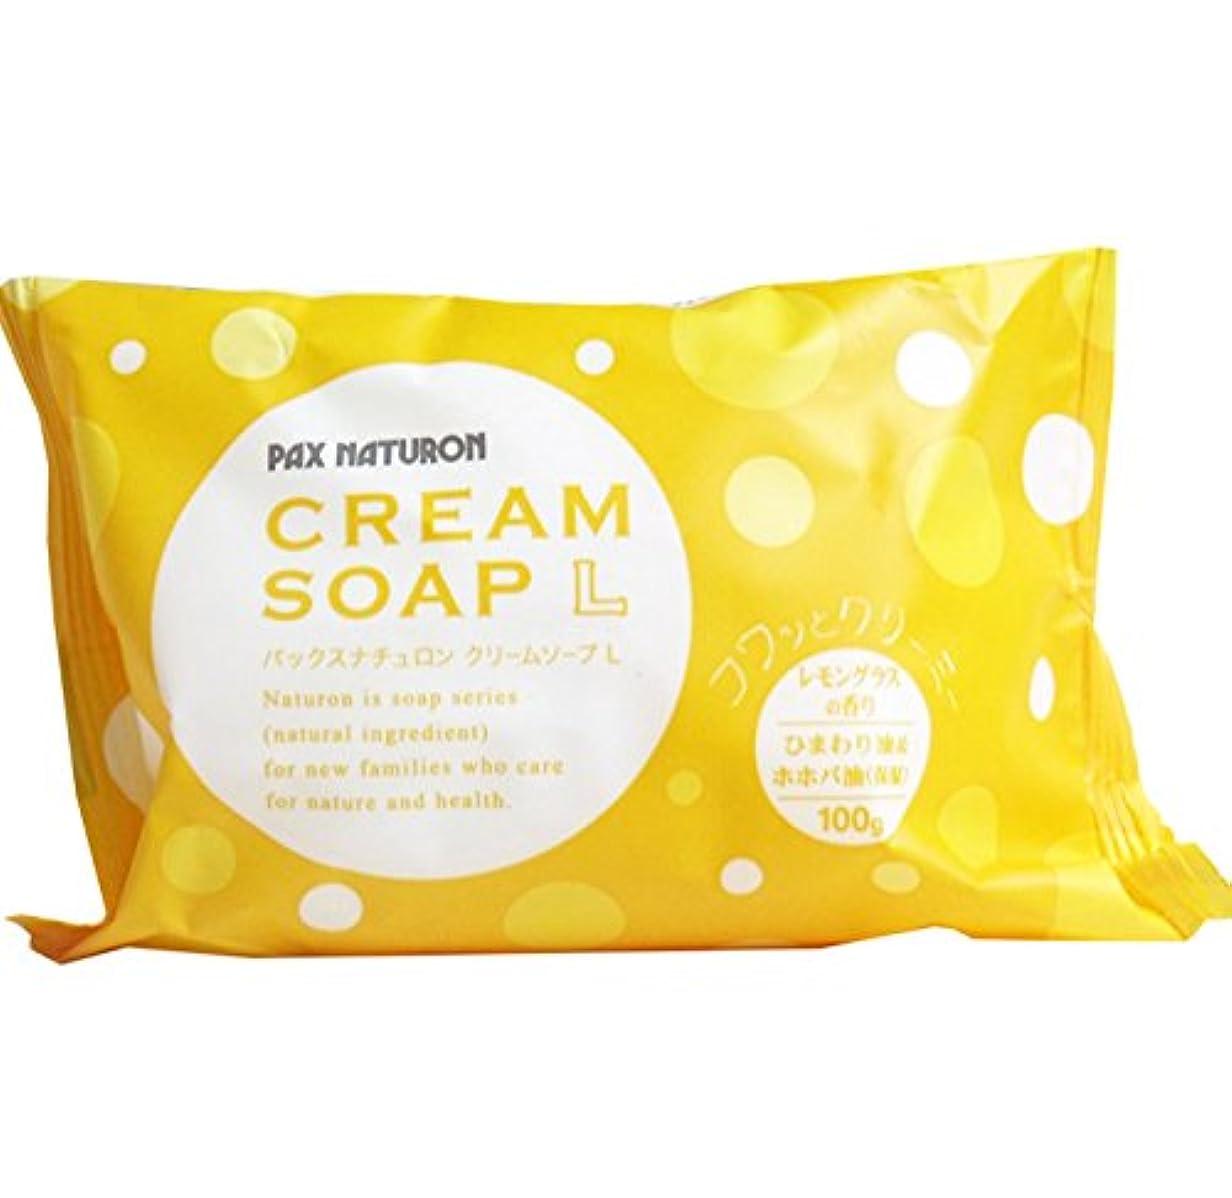 パックスナチュロン クリームソープL レモングラスの香り 100g ×2セット